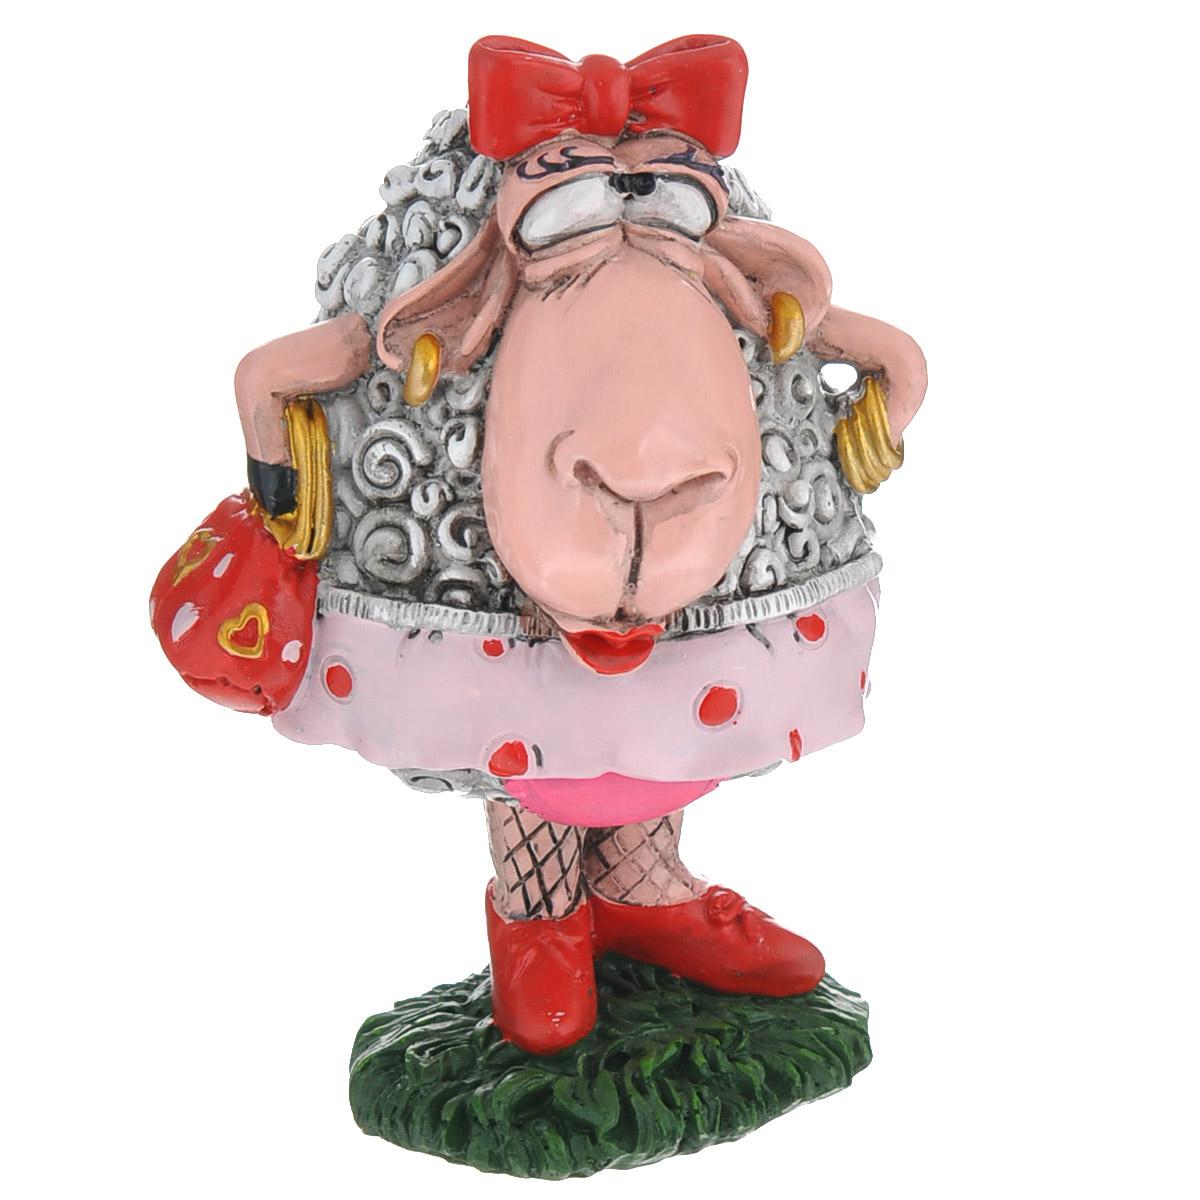 Статуэтка декоративная Comical World Овечка-модница, цвет: серый, красный28337Оригинальная декоративная статуэтка Comical World Овечка-модница выполнена из полистоуна в виде красивой овечки с сумочкой и бантиком на голове. Такая статуэтка - отличный вариант для новогоднего подарка для ваших близких и друзей.